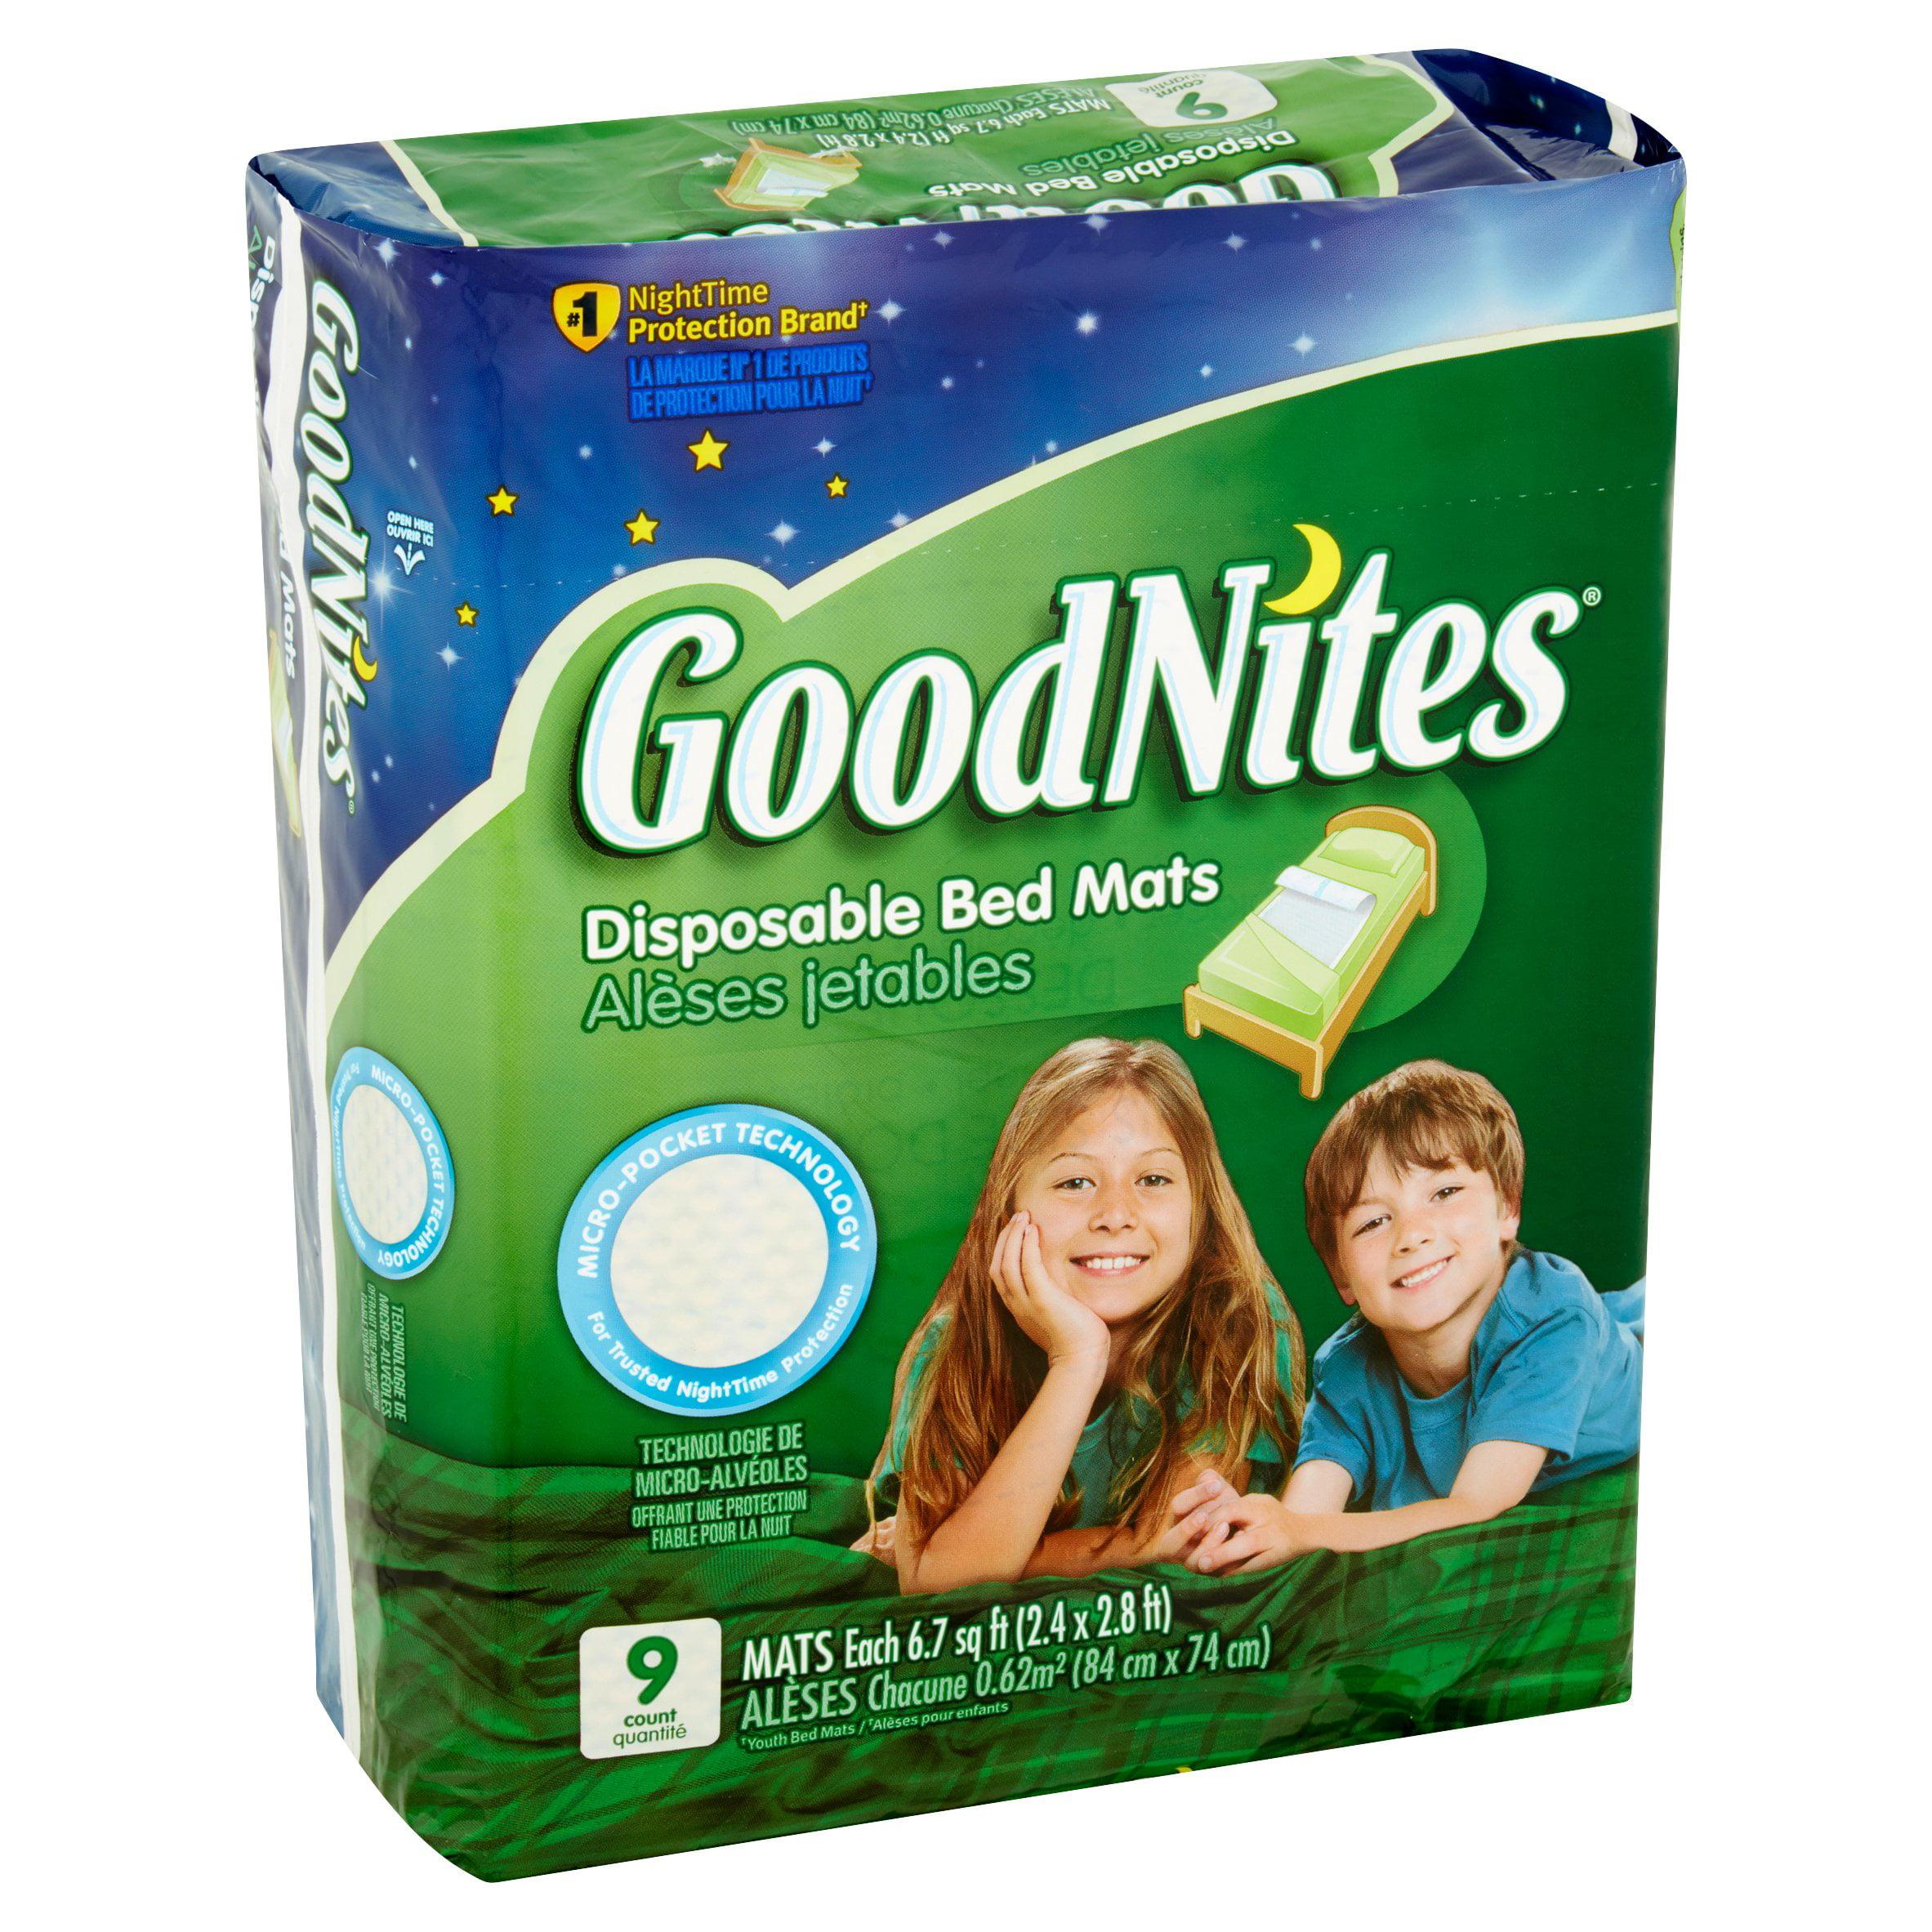 goodnites disposable bed mats 9 count walmart com